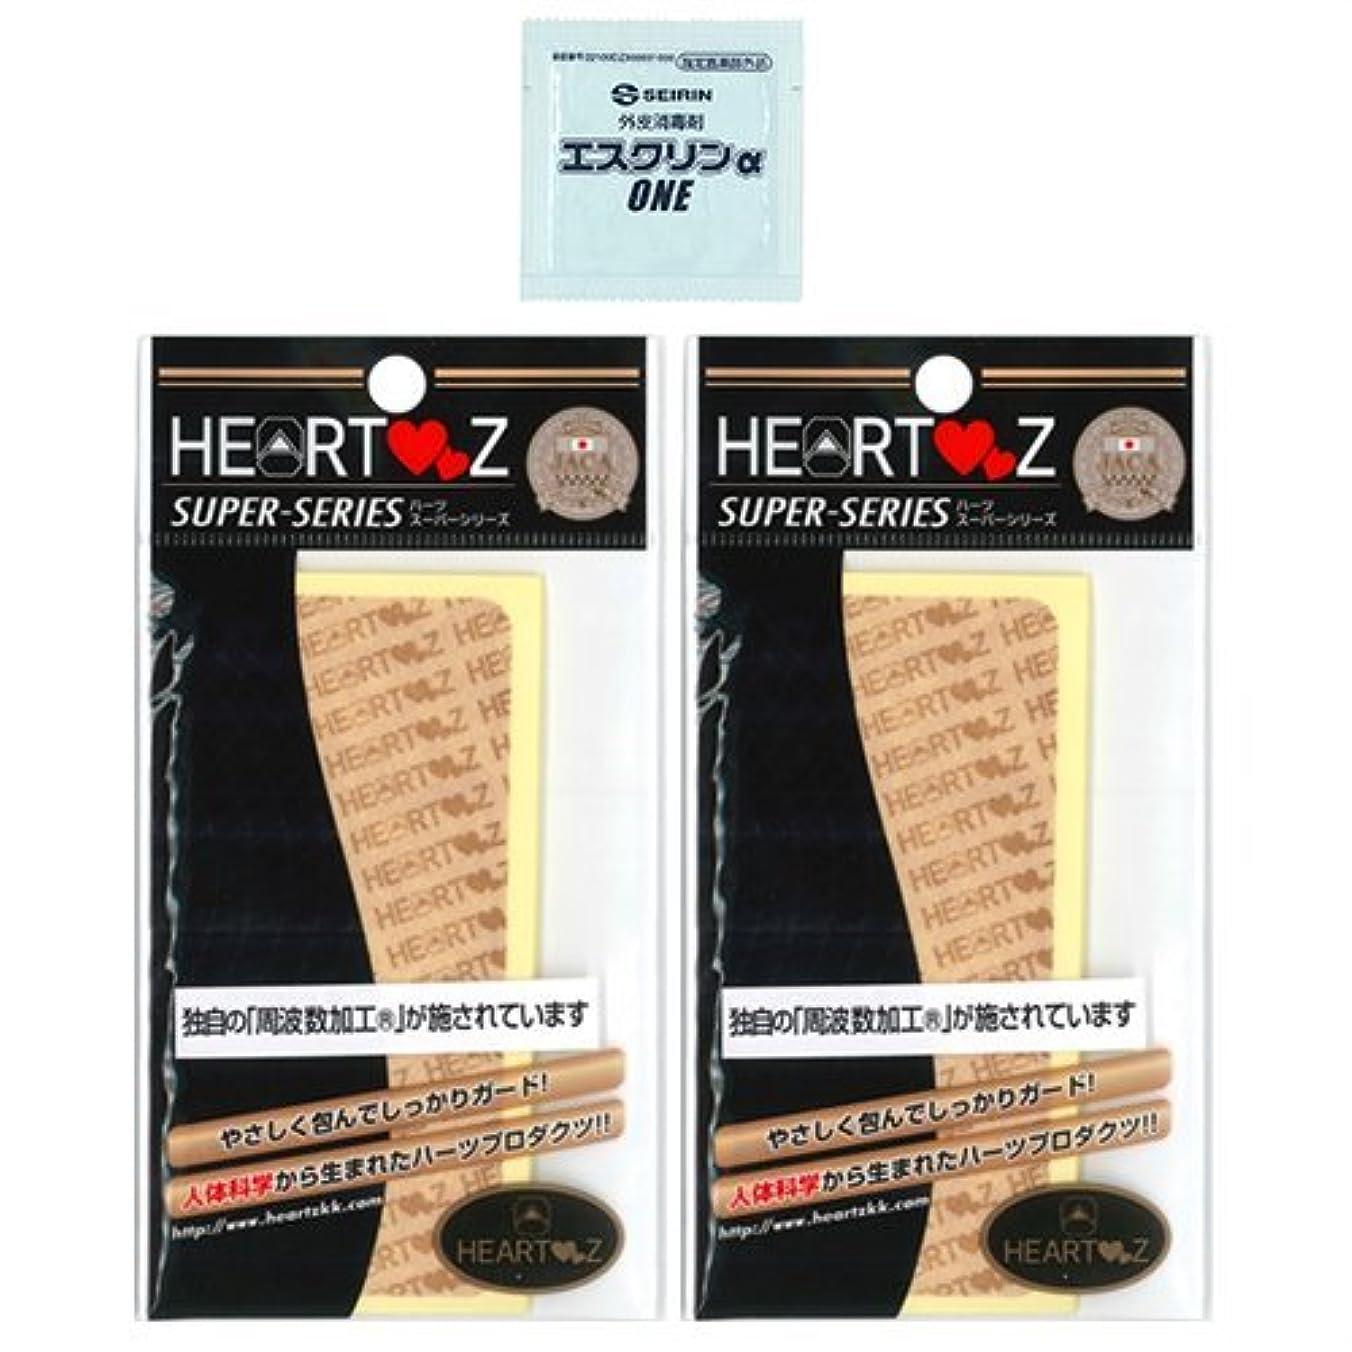 ハッピー苦抽象【HEARTZ(ハーツ)】ハーツスーパーシール ベタ貼りタイプ 8枚入×2個セット (計16枚) + エスクリンαONEx1個 セット